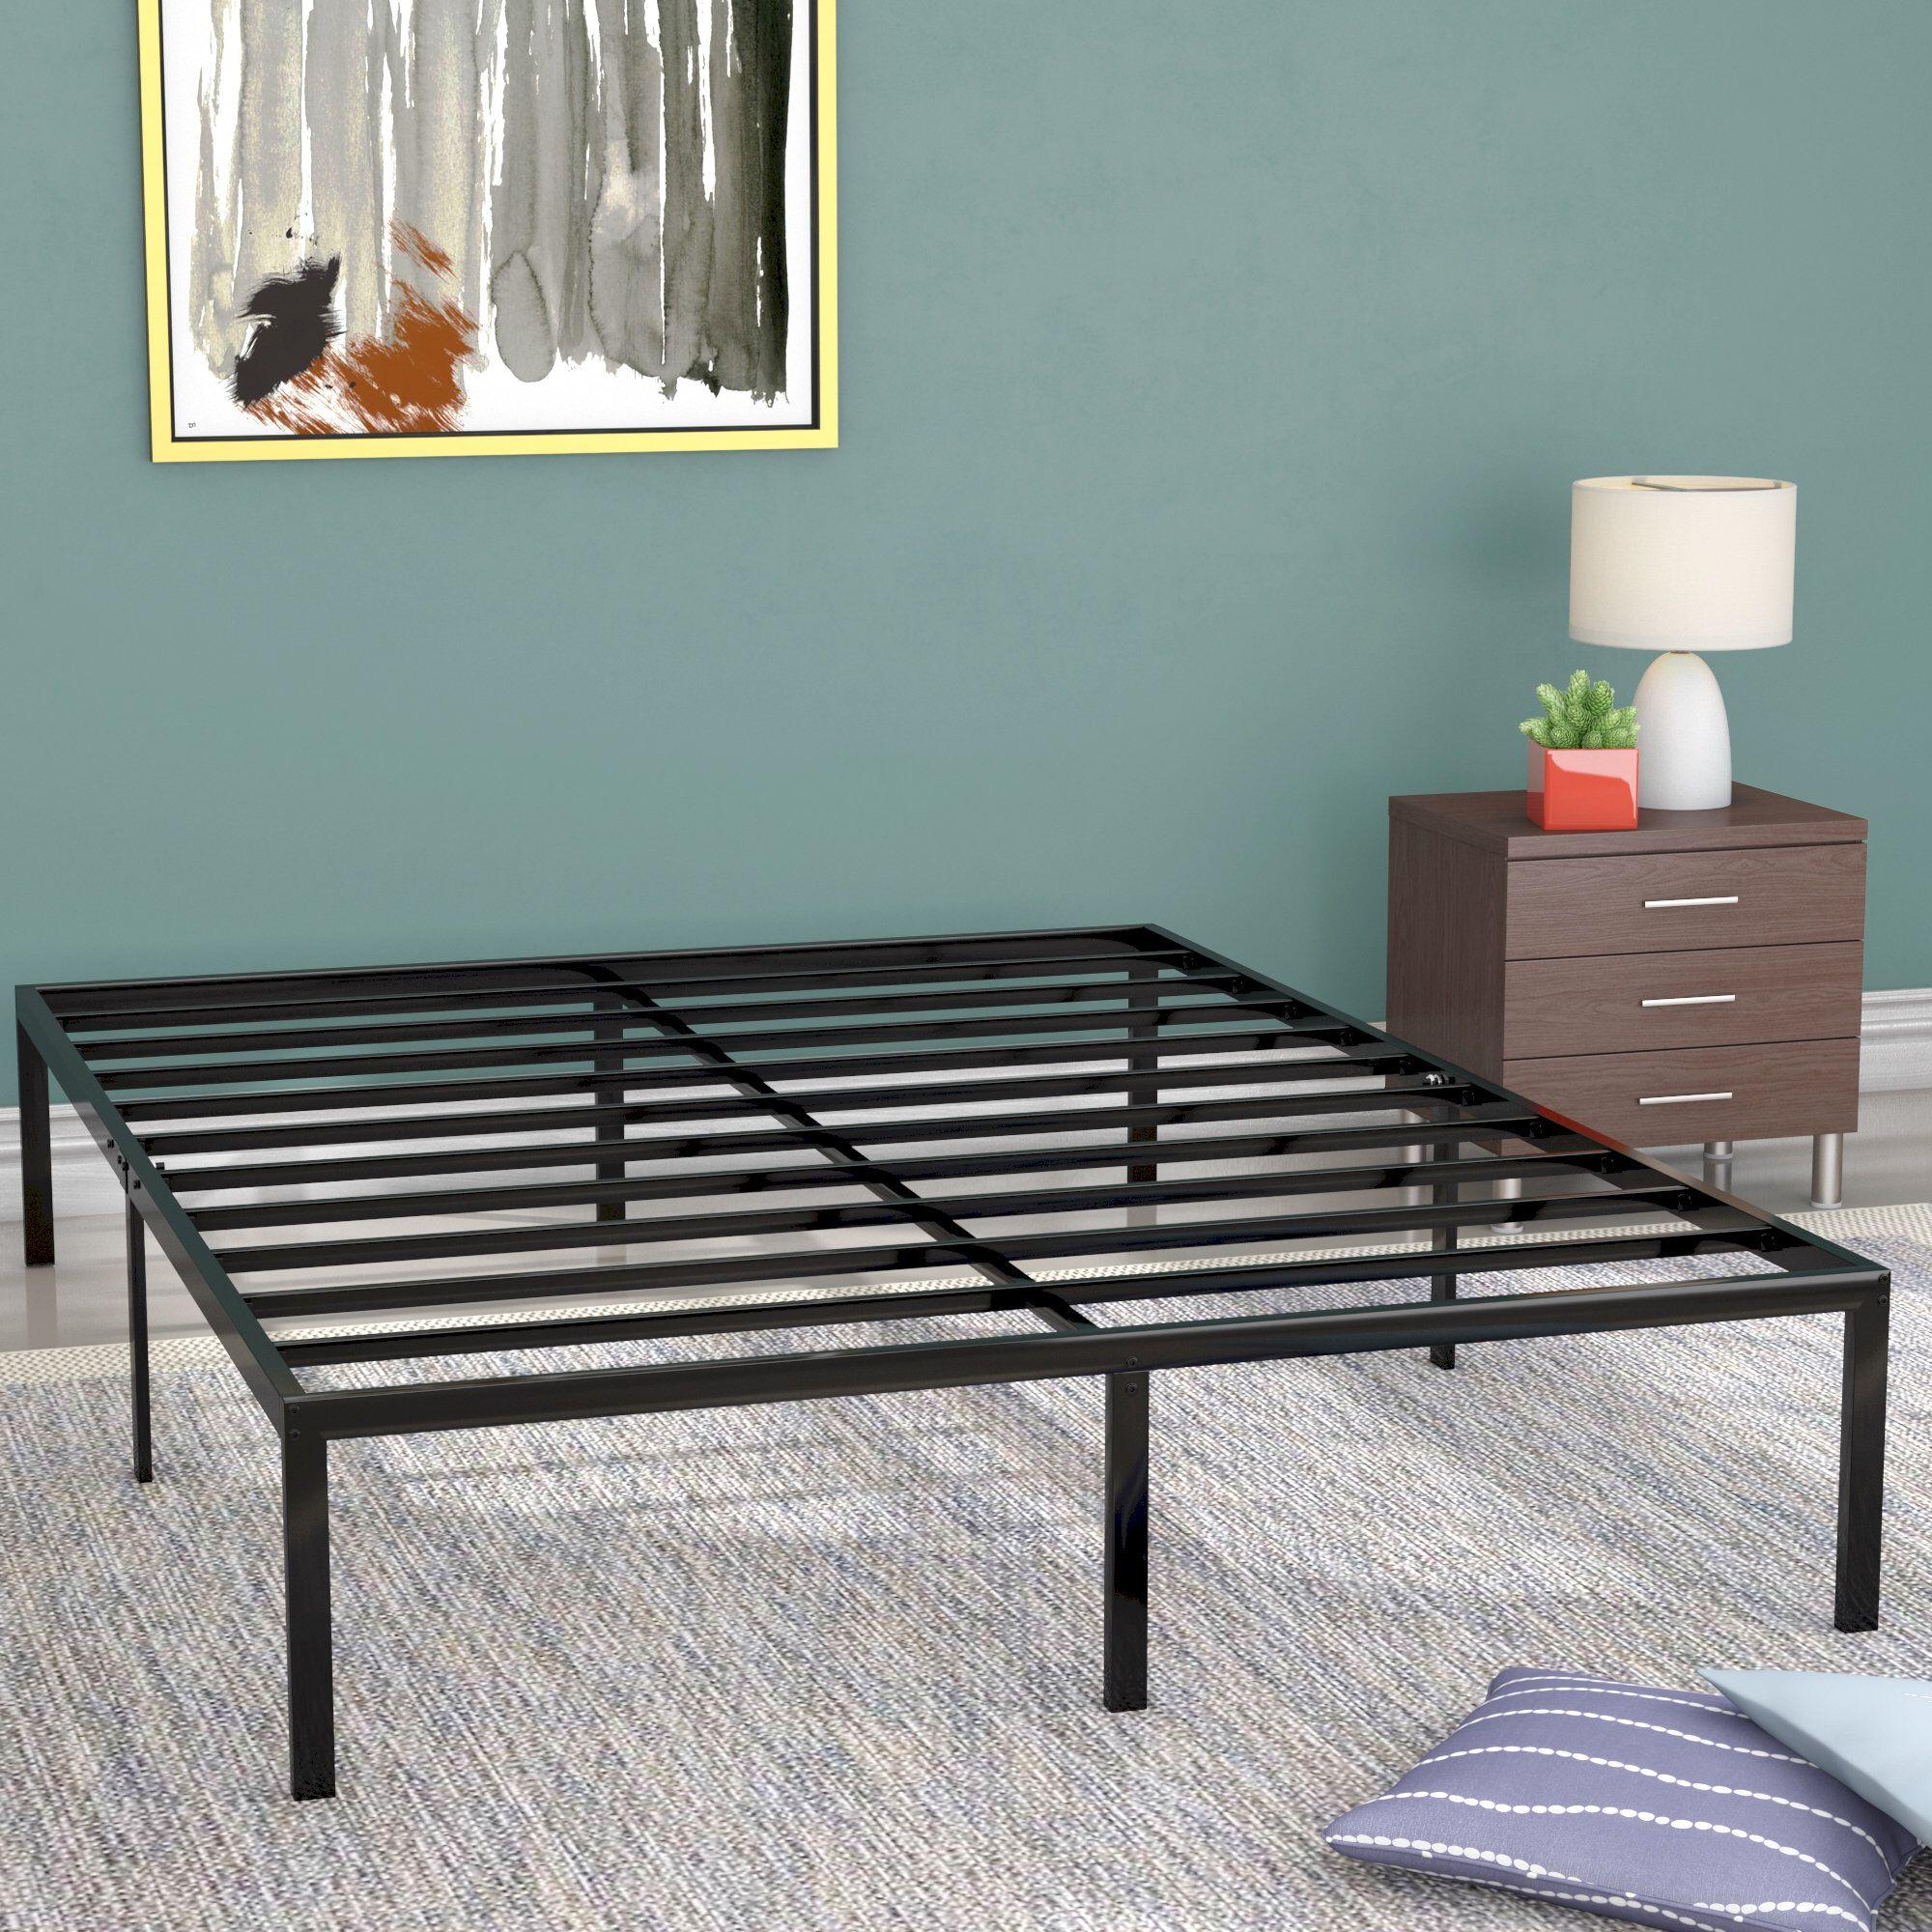 Blough Bed Frame Platform Bed Frame Metal Platform Bed Bed